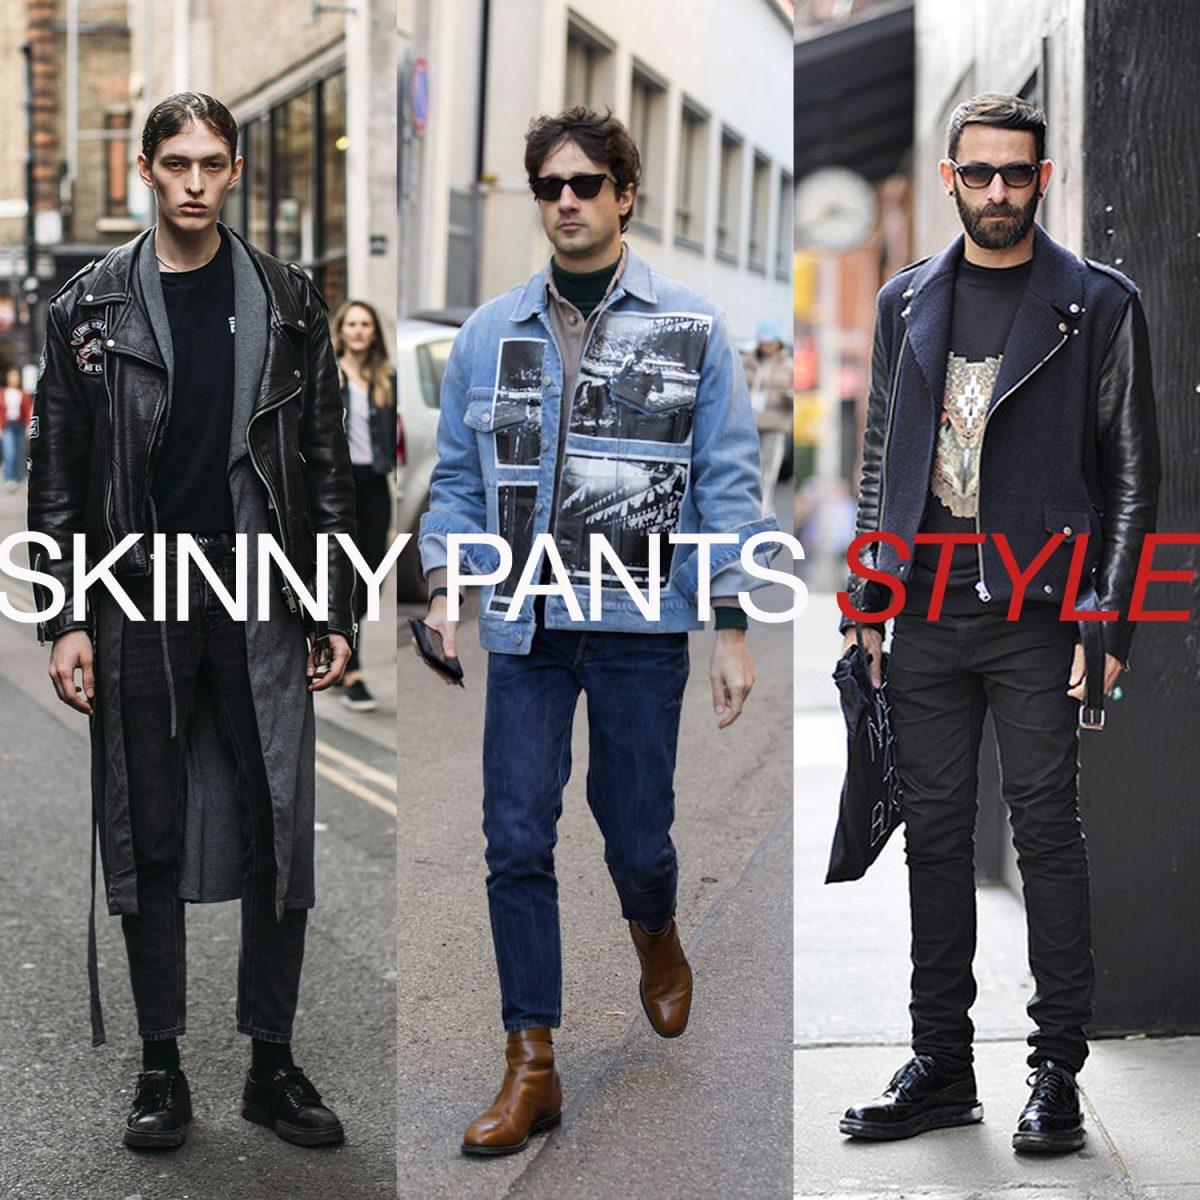 スキニージーンズ(パンツ)をかっこよく履きこなすポイント!メンズブランドやコーデも紹介